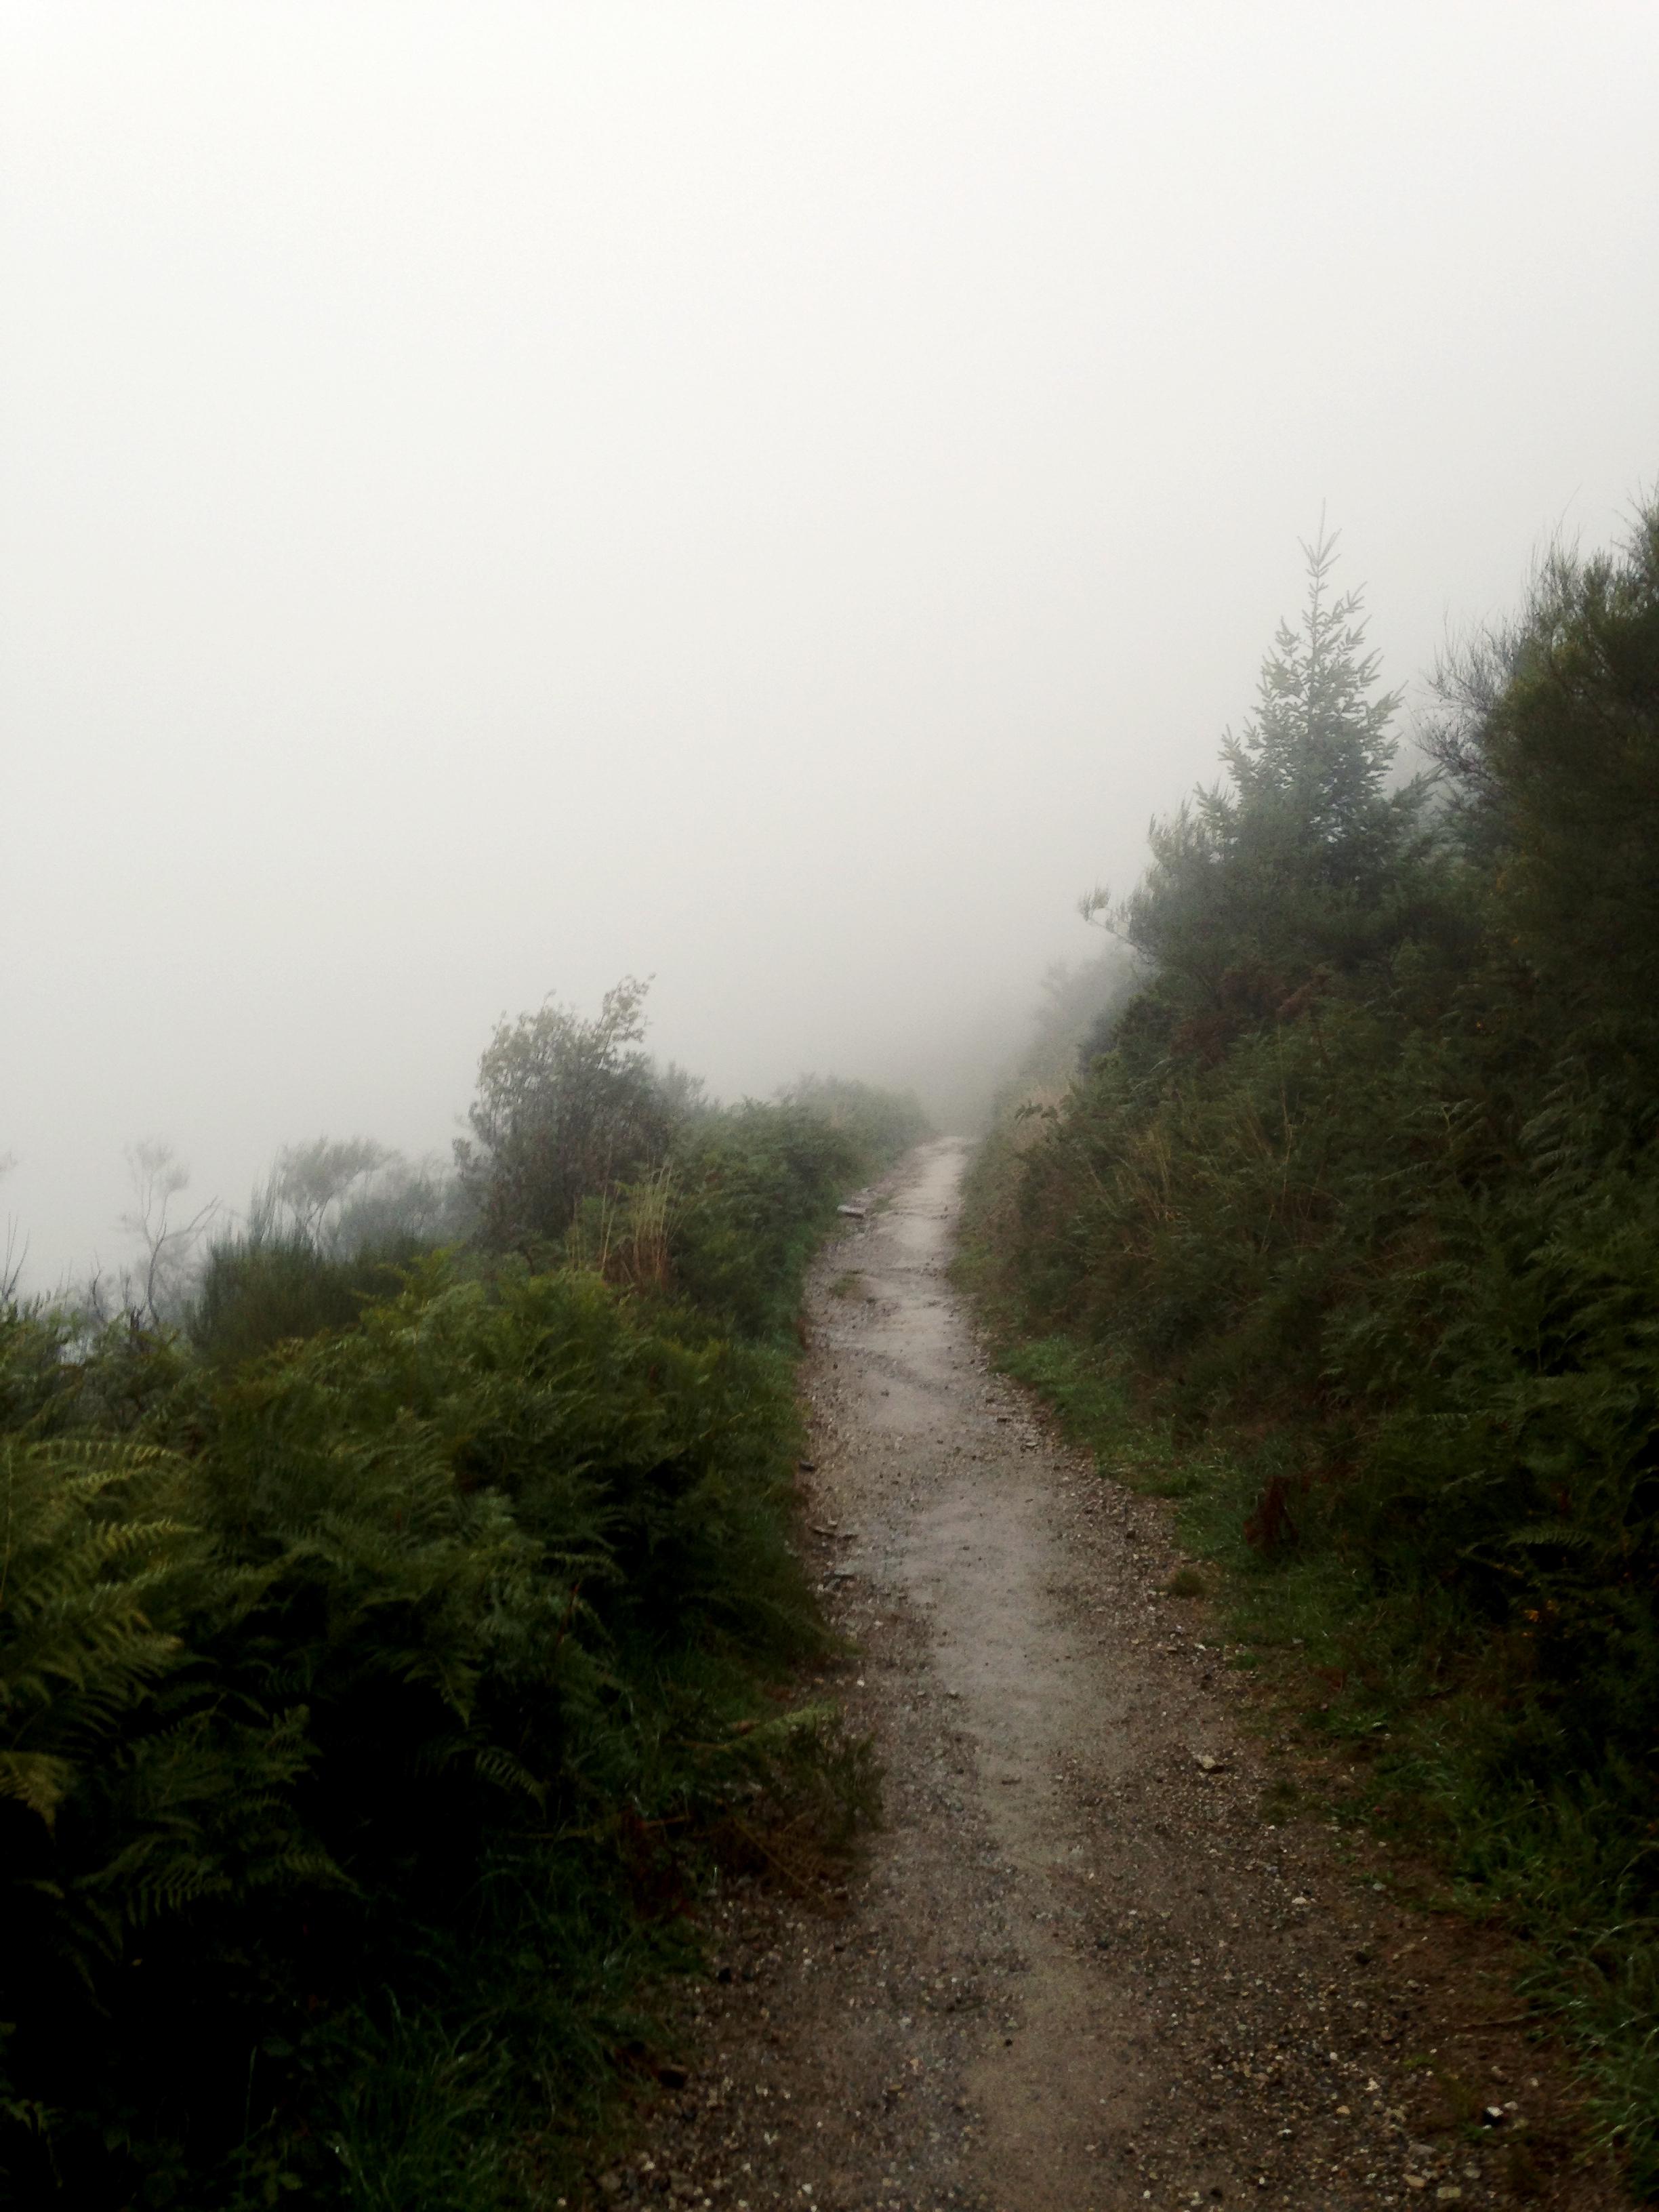 Aamusumu caminolla. Jossain päin Galiciaa, 2015.